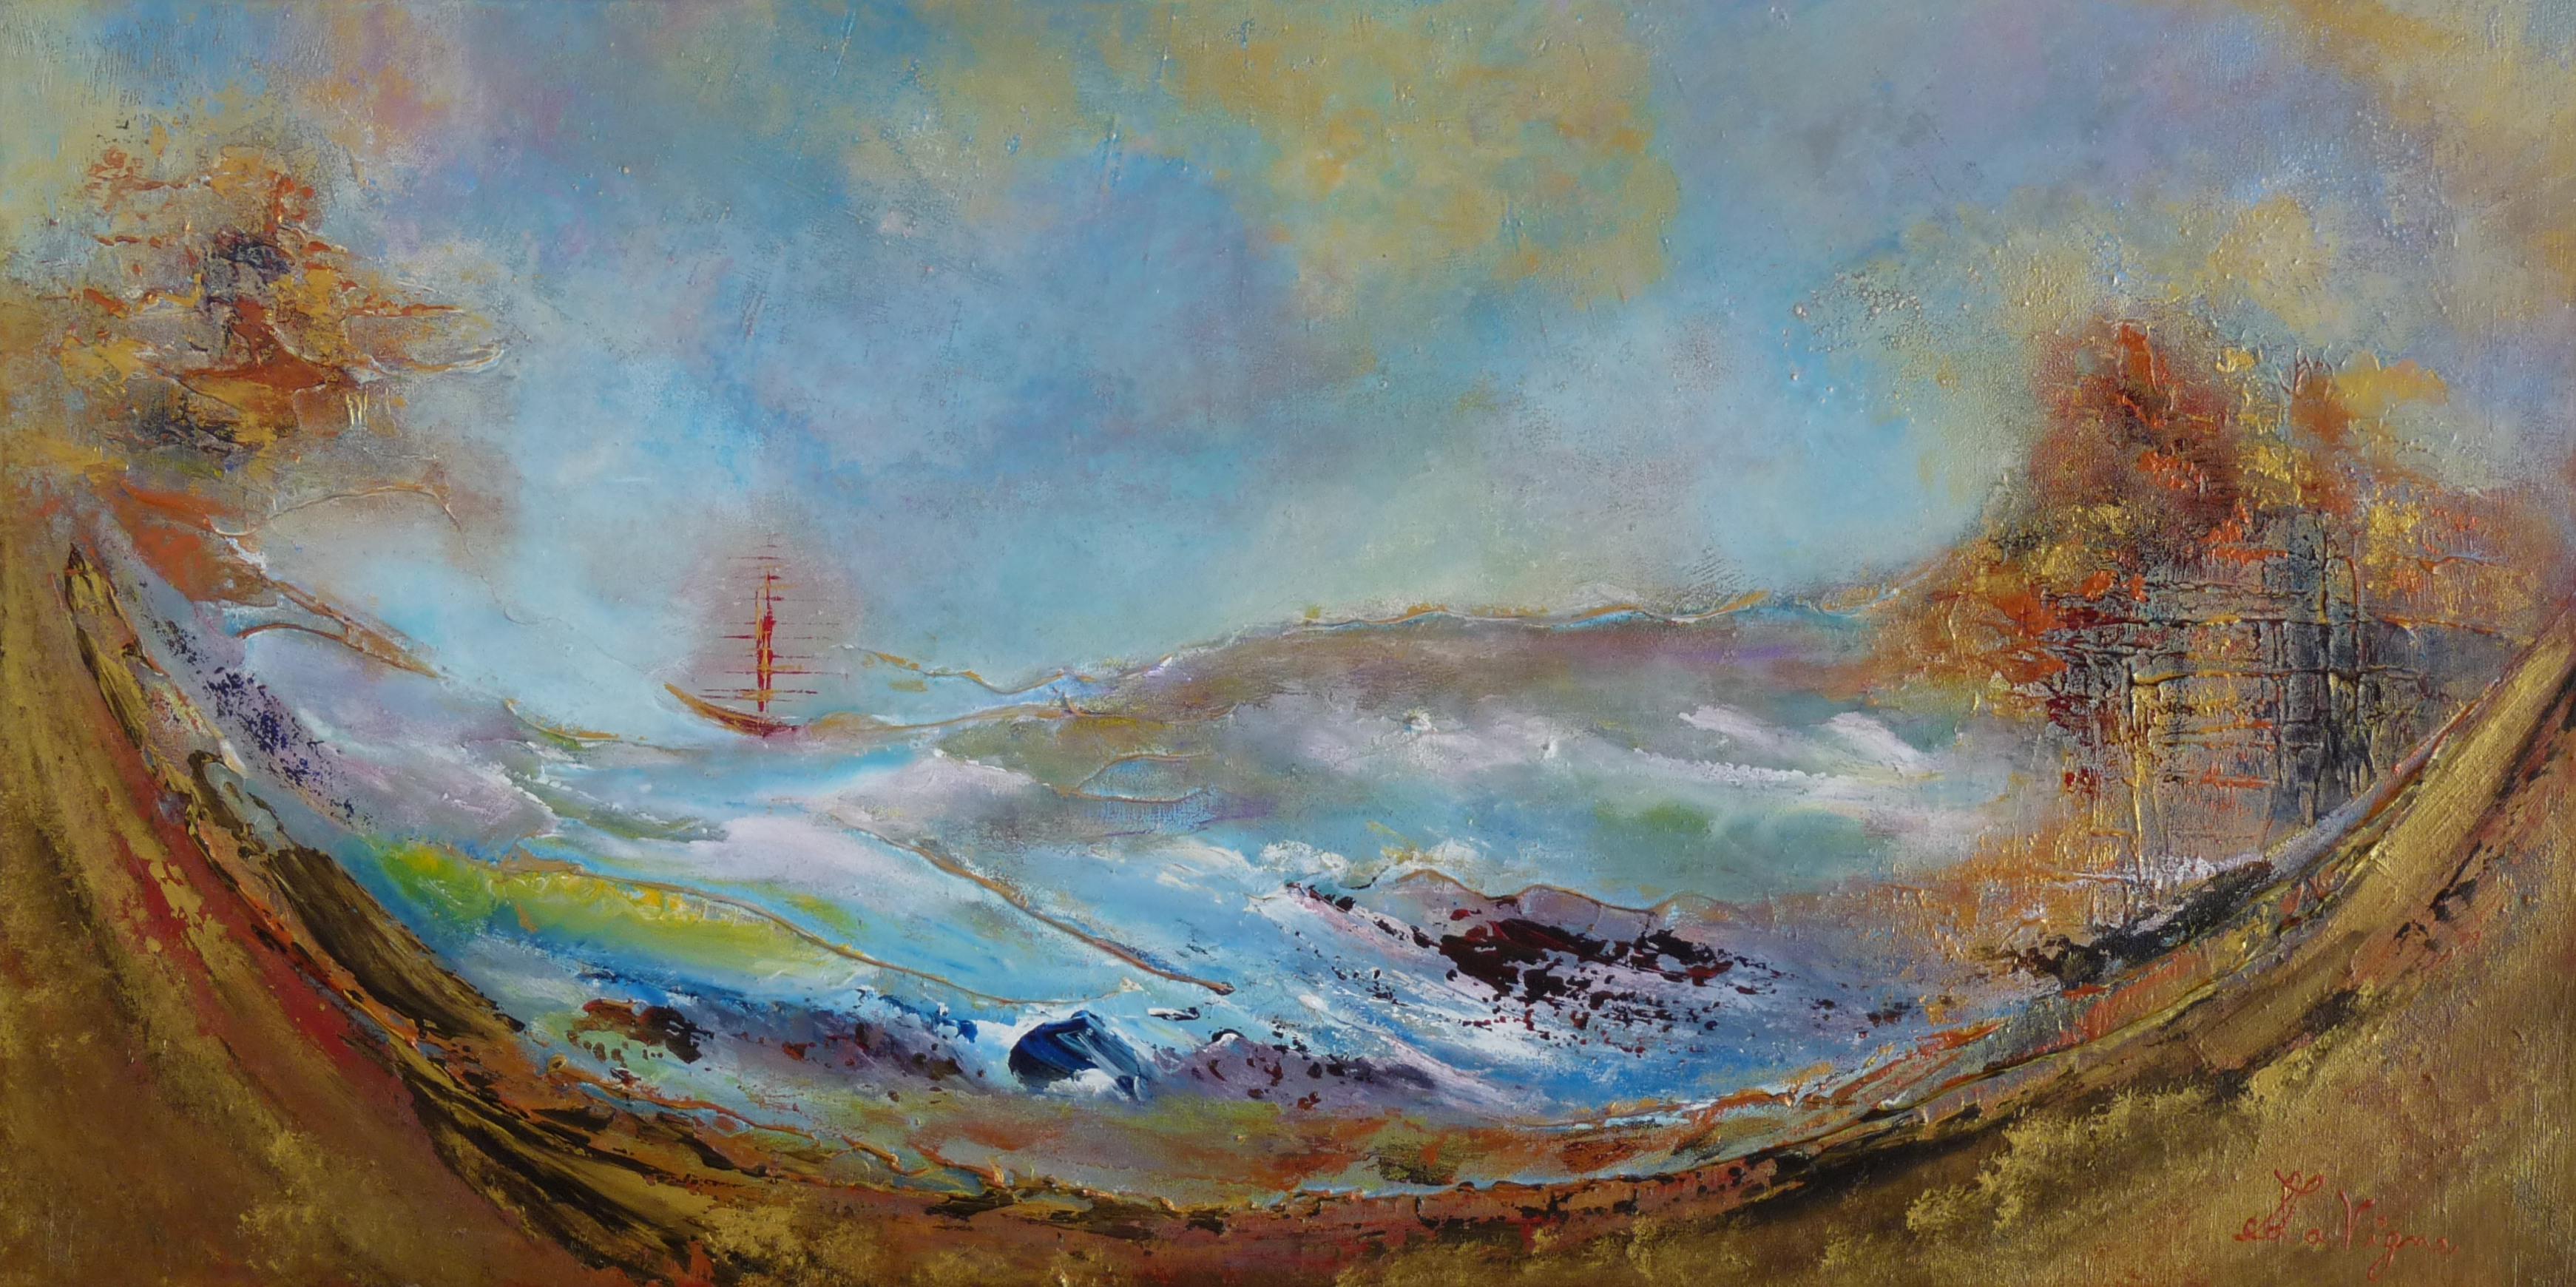 Le berceau de la mer - Oeuvre de Suzanne Lavigne © photo: courtoisie